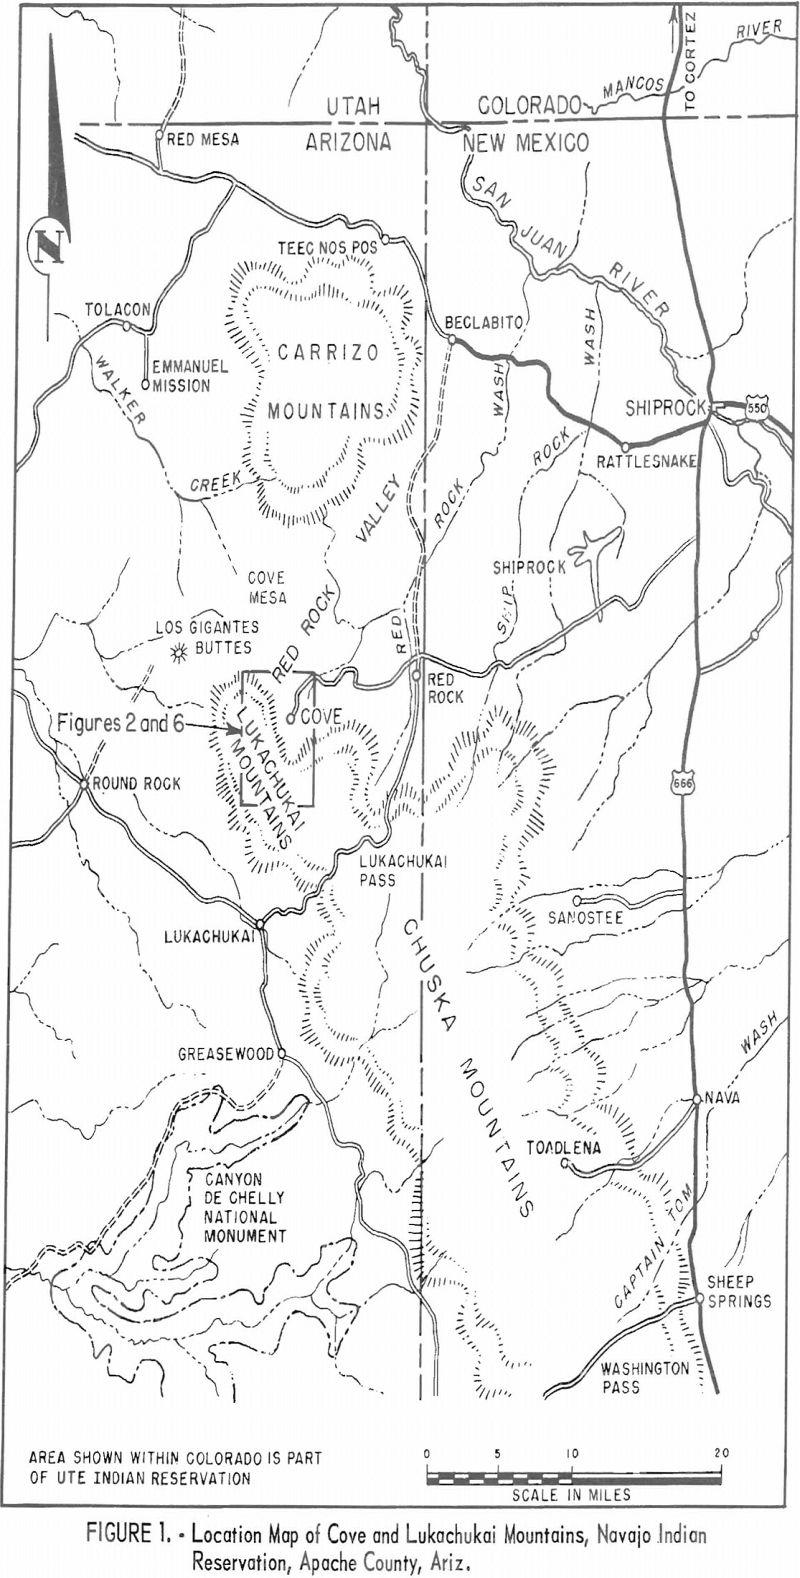 uranium mining location map